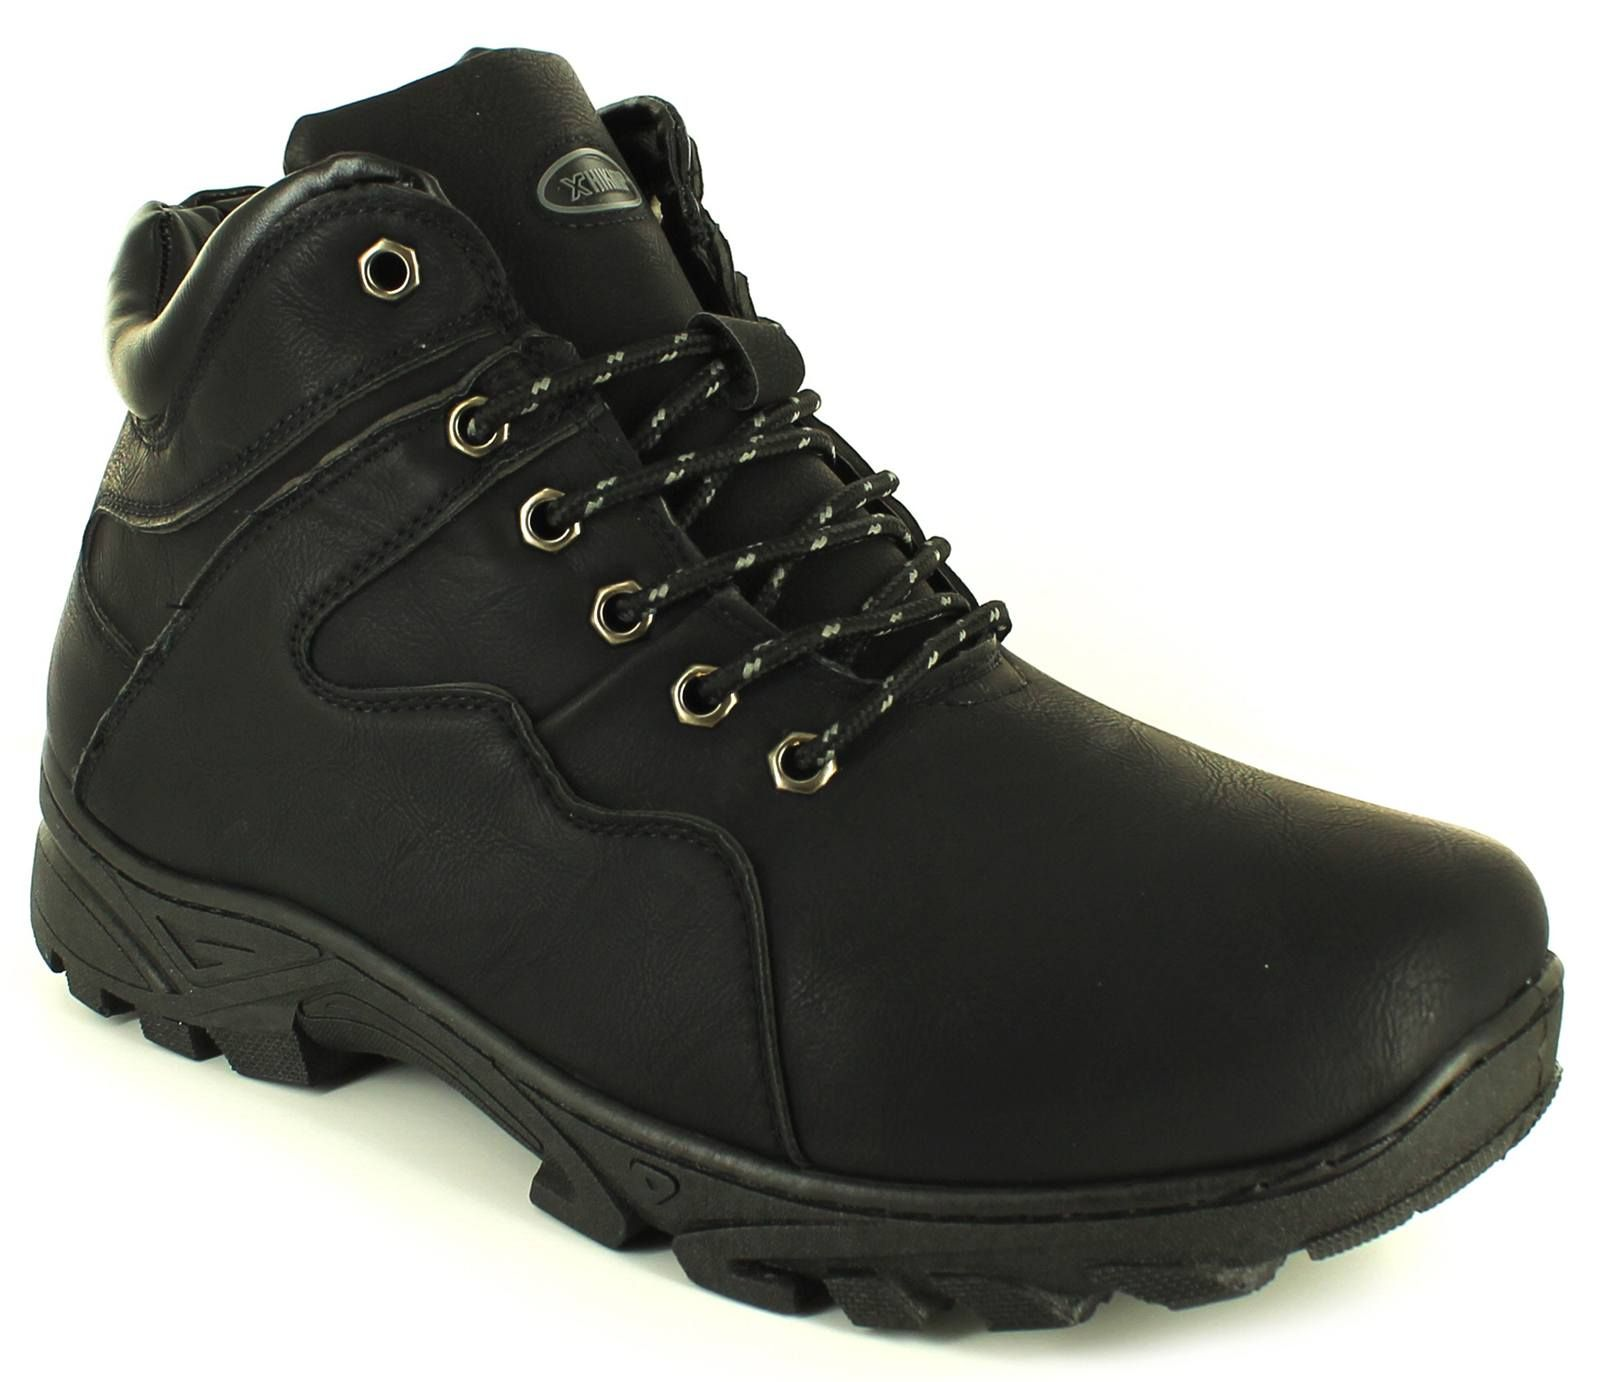 Mid Cut Tie Ups Outdoor Shoes Lace-Ups Snug High-Top Walking Boots Com